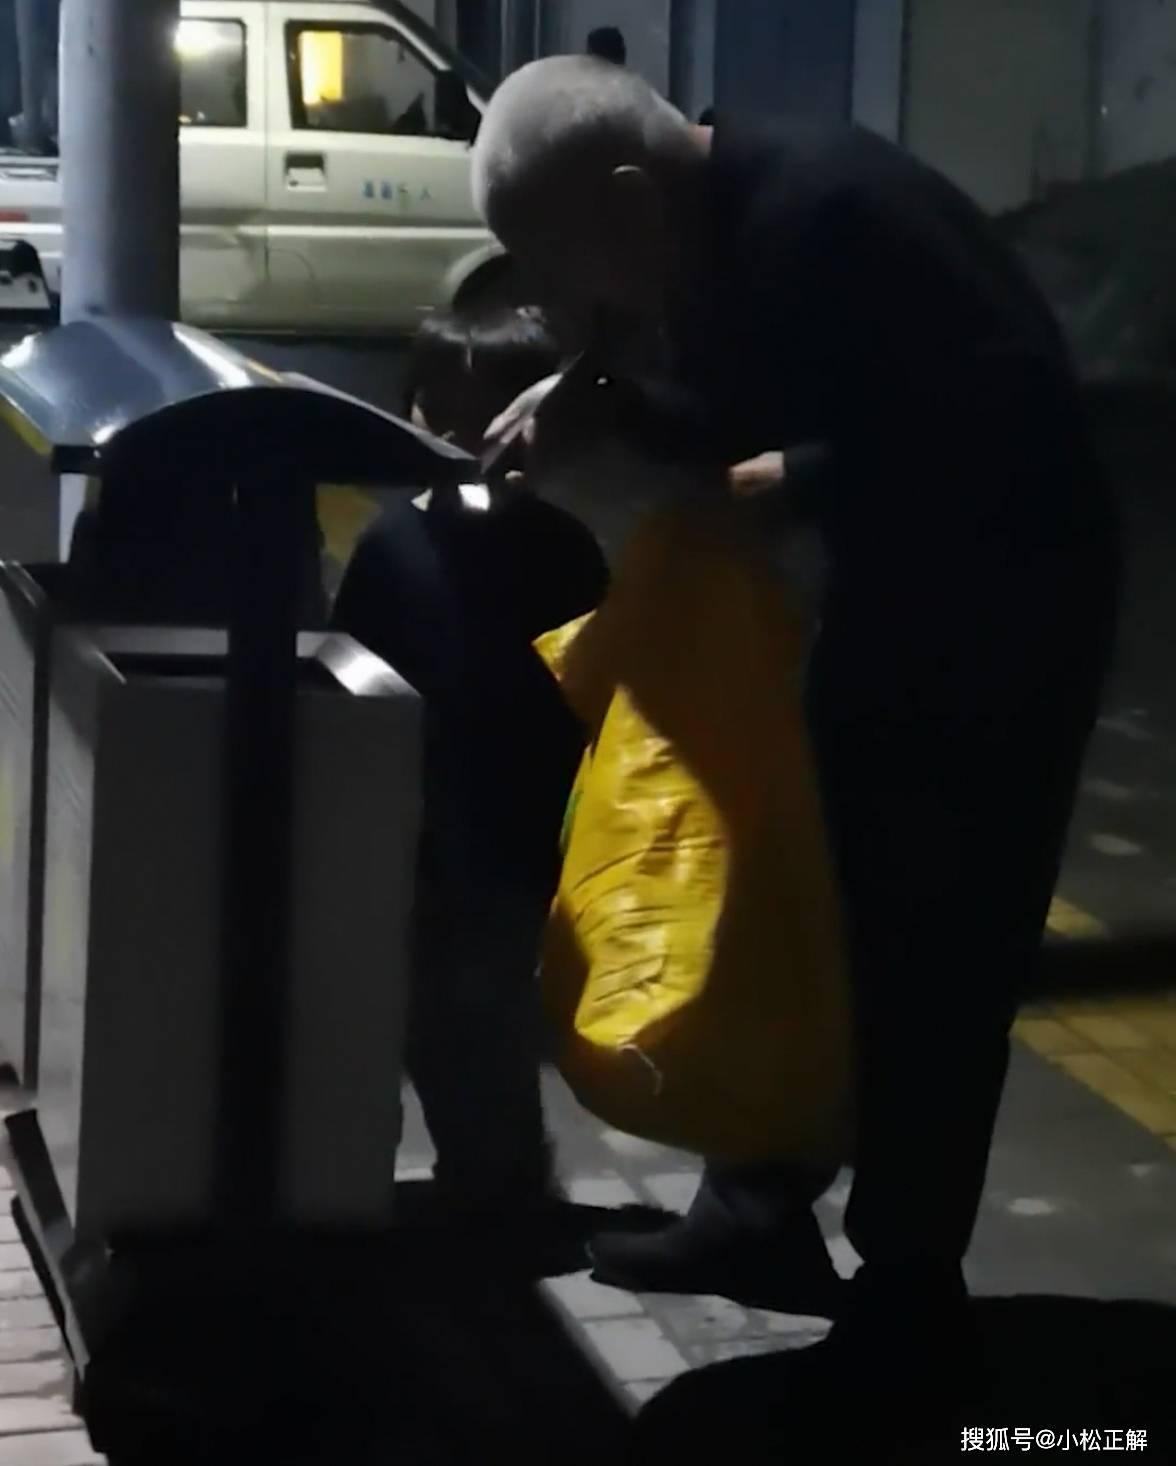 河南:77岁老人凌晨带孙女在无人的街头捡瓶子,只想让孙子活下去